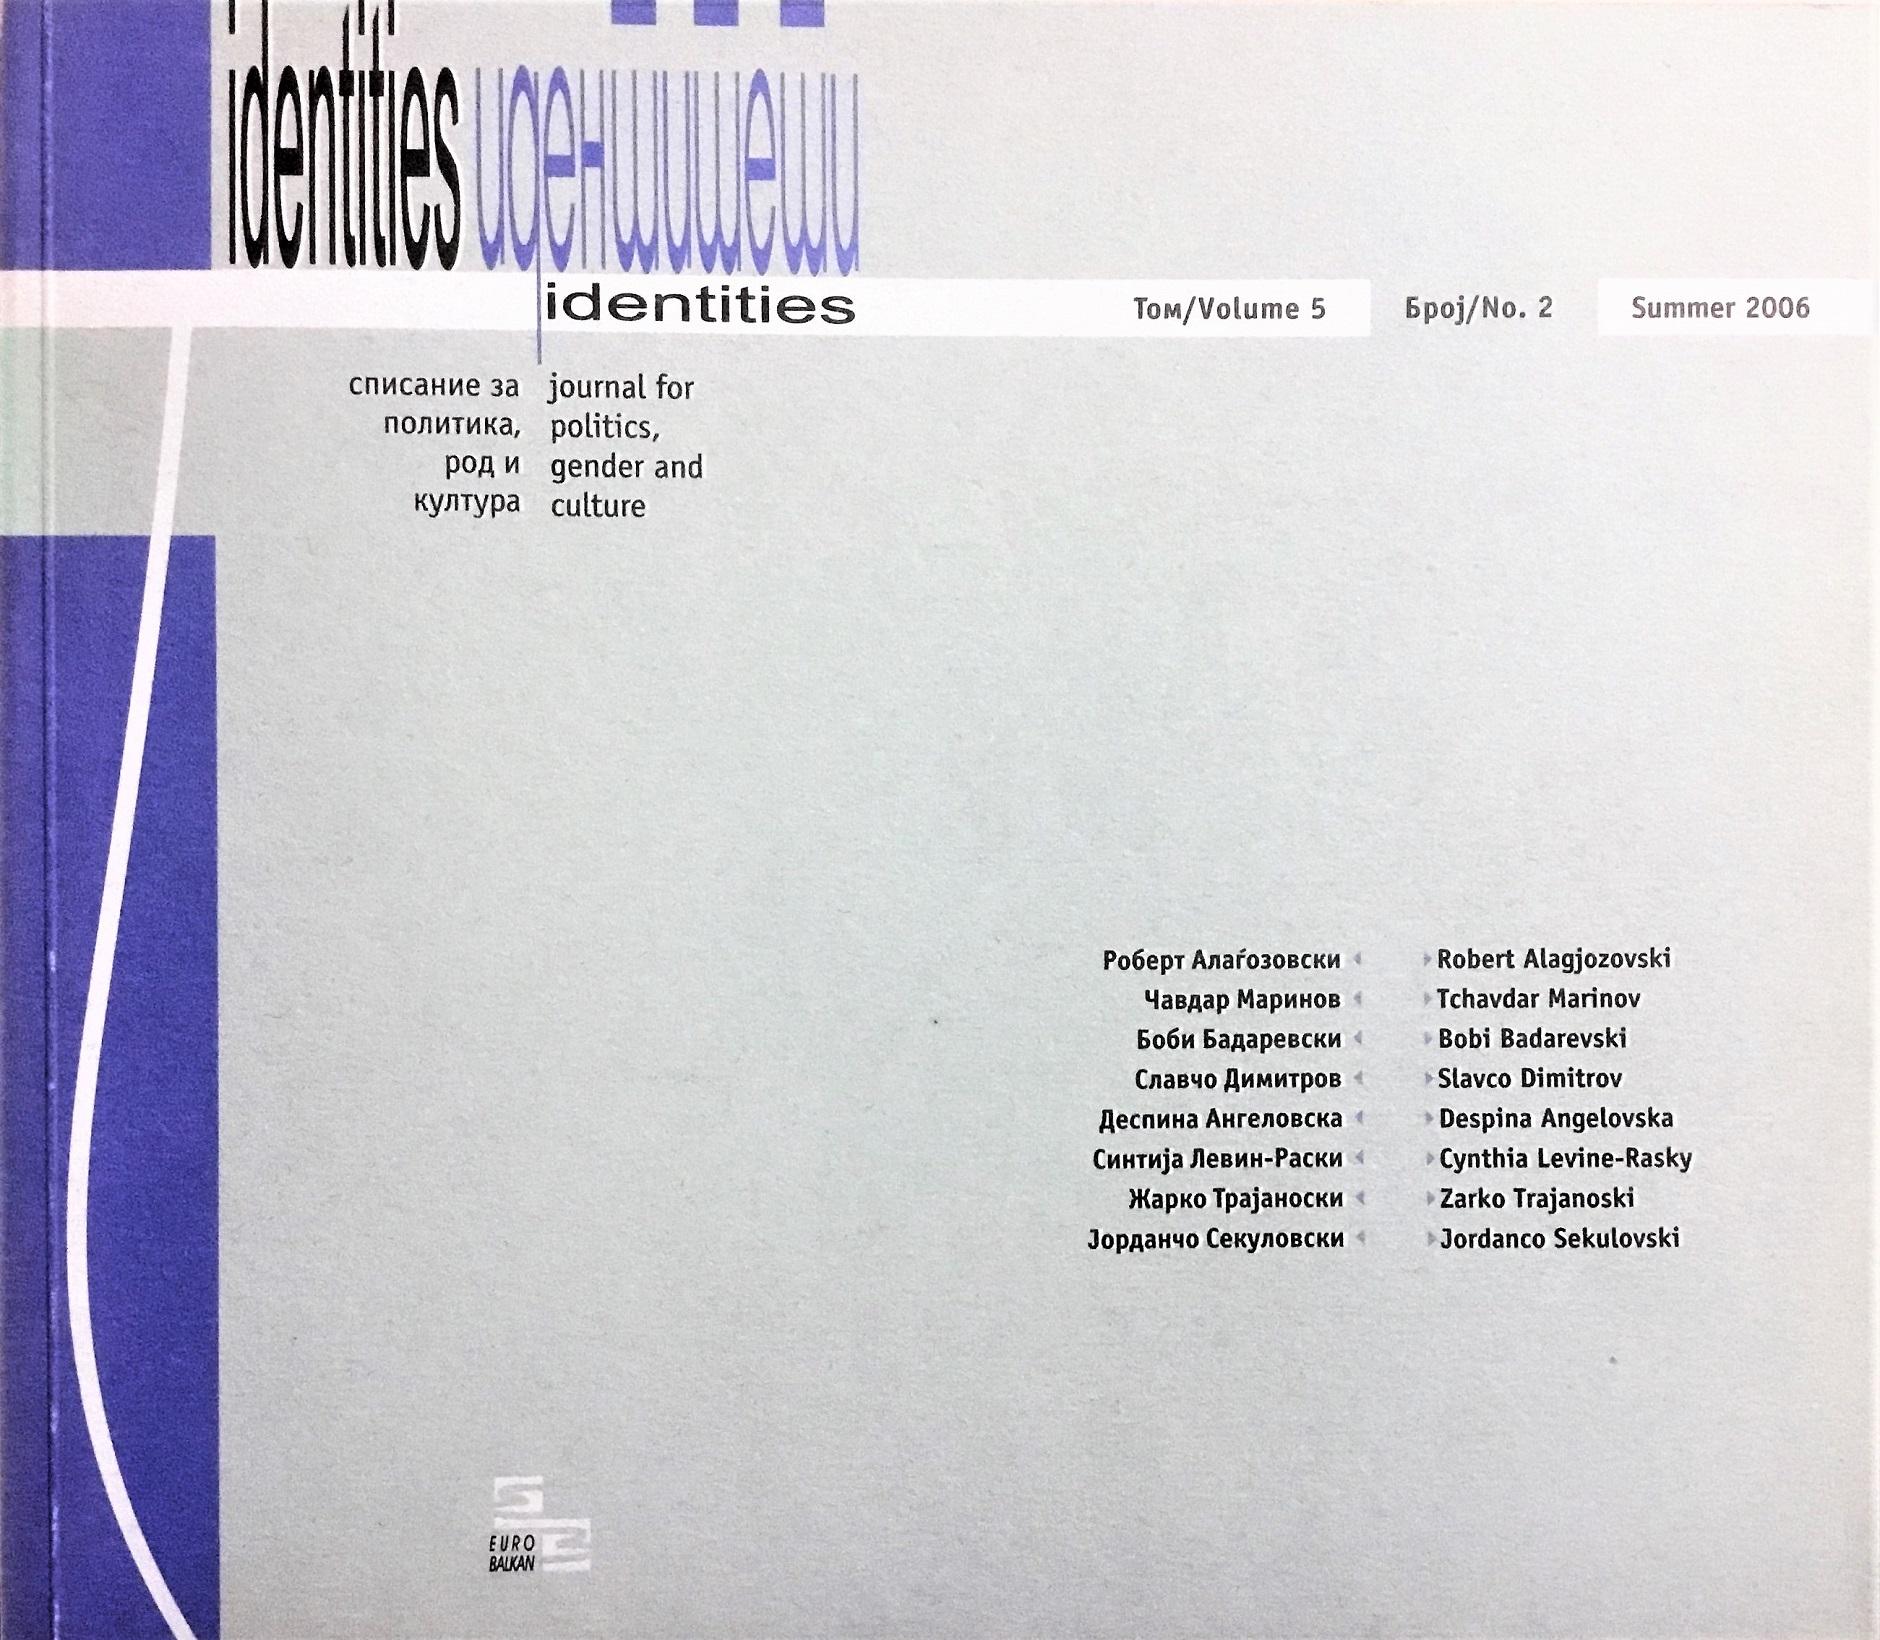 View Vol. 5 No. 2 (2006): Vol. 5, No. 2 (Summer 2006) - Issue No. 11